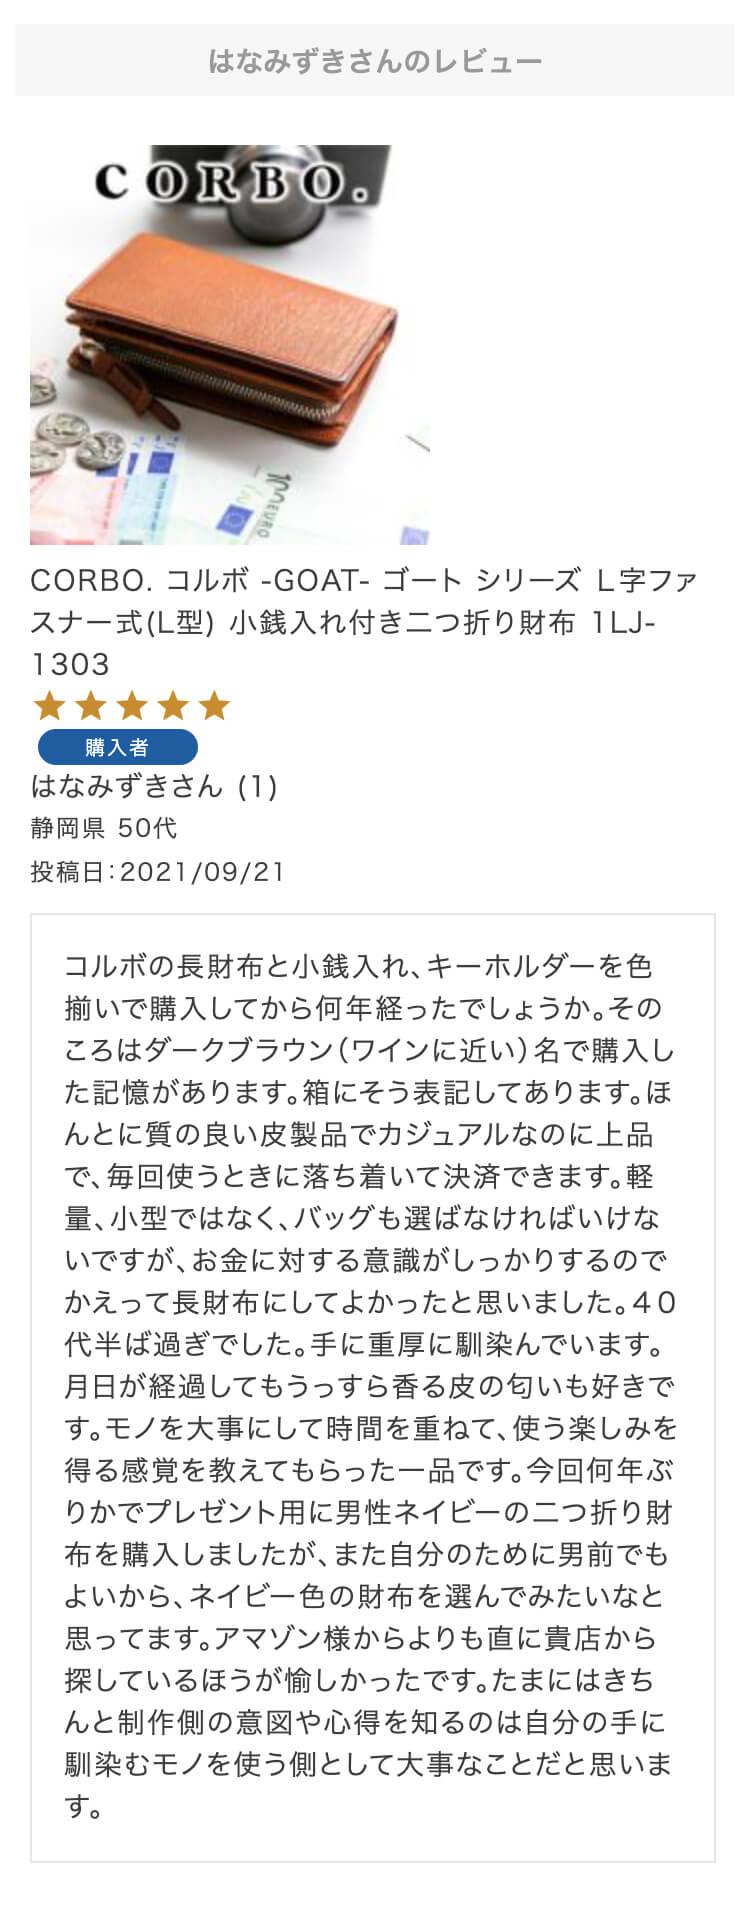 第8回 レビュー大感謝キャンペーン 特賞